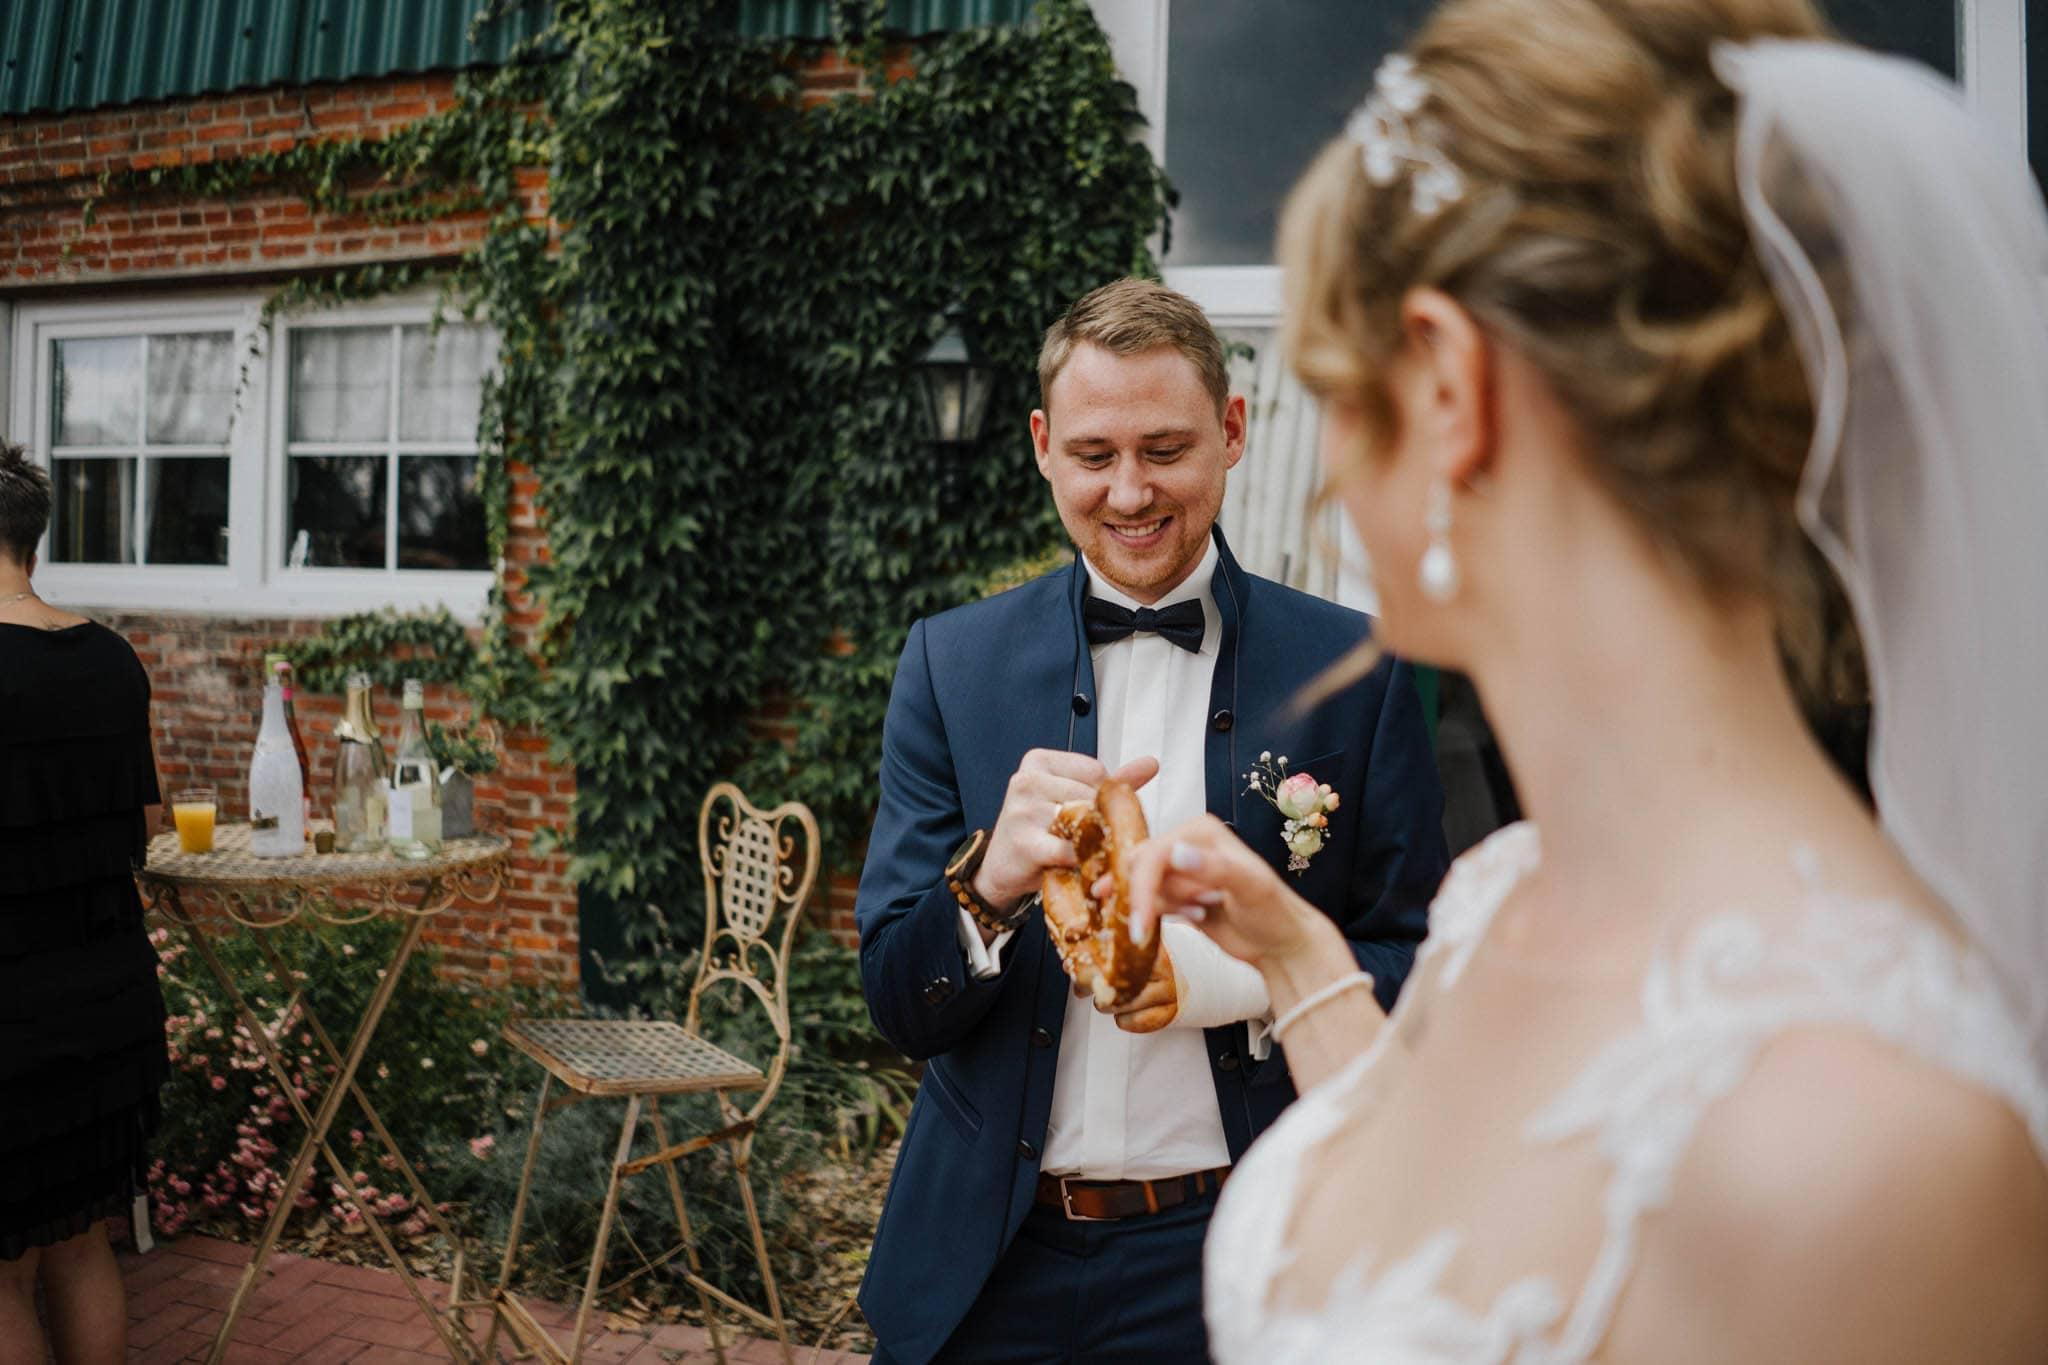 Hochzeitsfieber by Photo-Schomburg, Hoichzeitsfotograf, Hamburg, Wedding, Weddingtime, Hochzeitspaar, Braut, Bräutigam, Hochzeit im Norden,-75